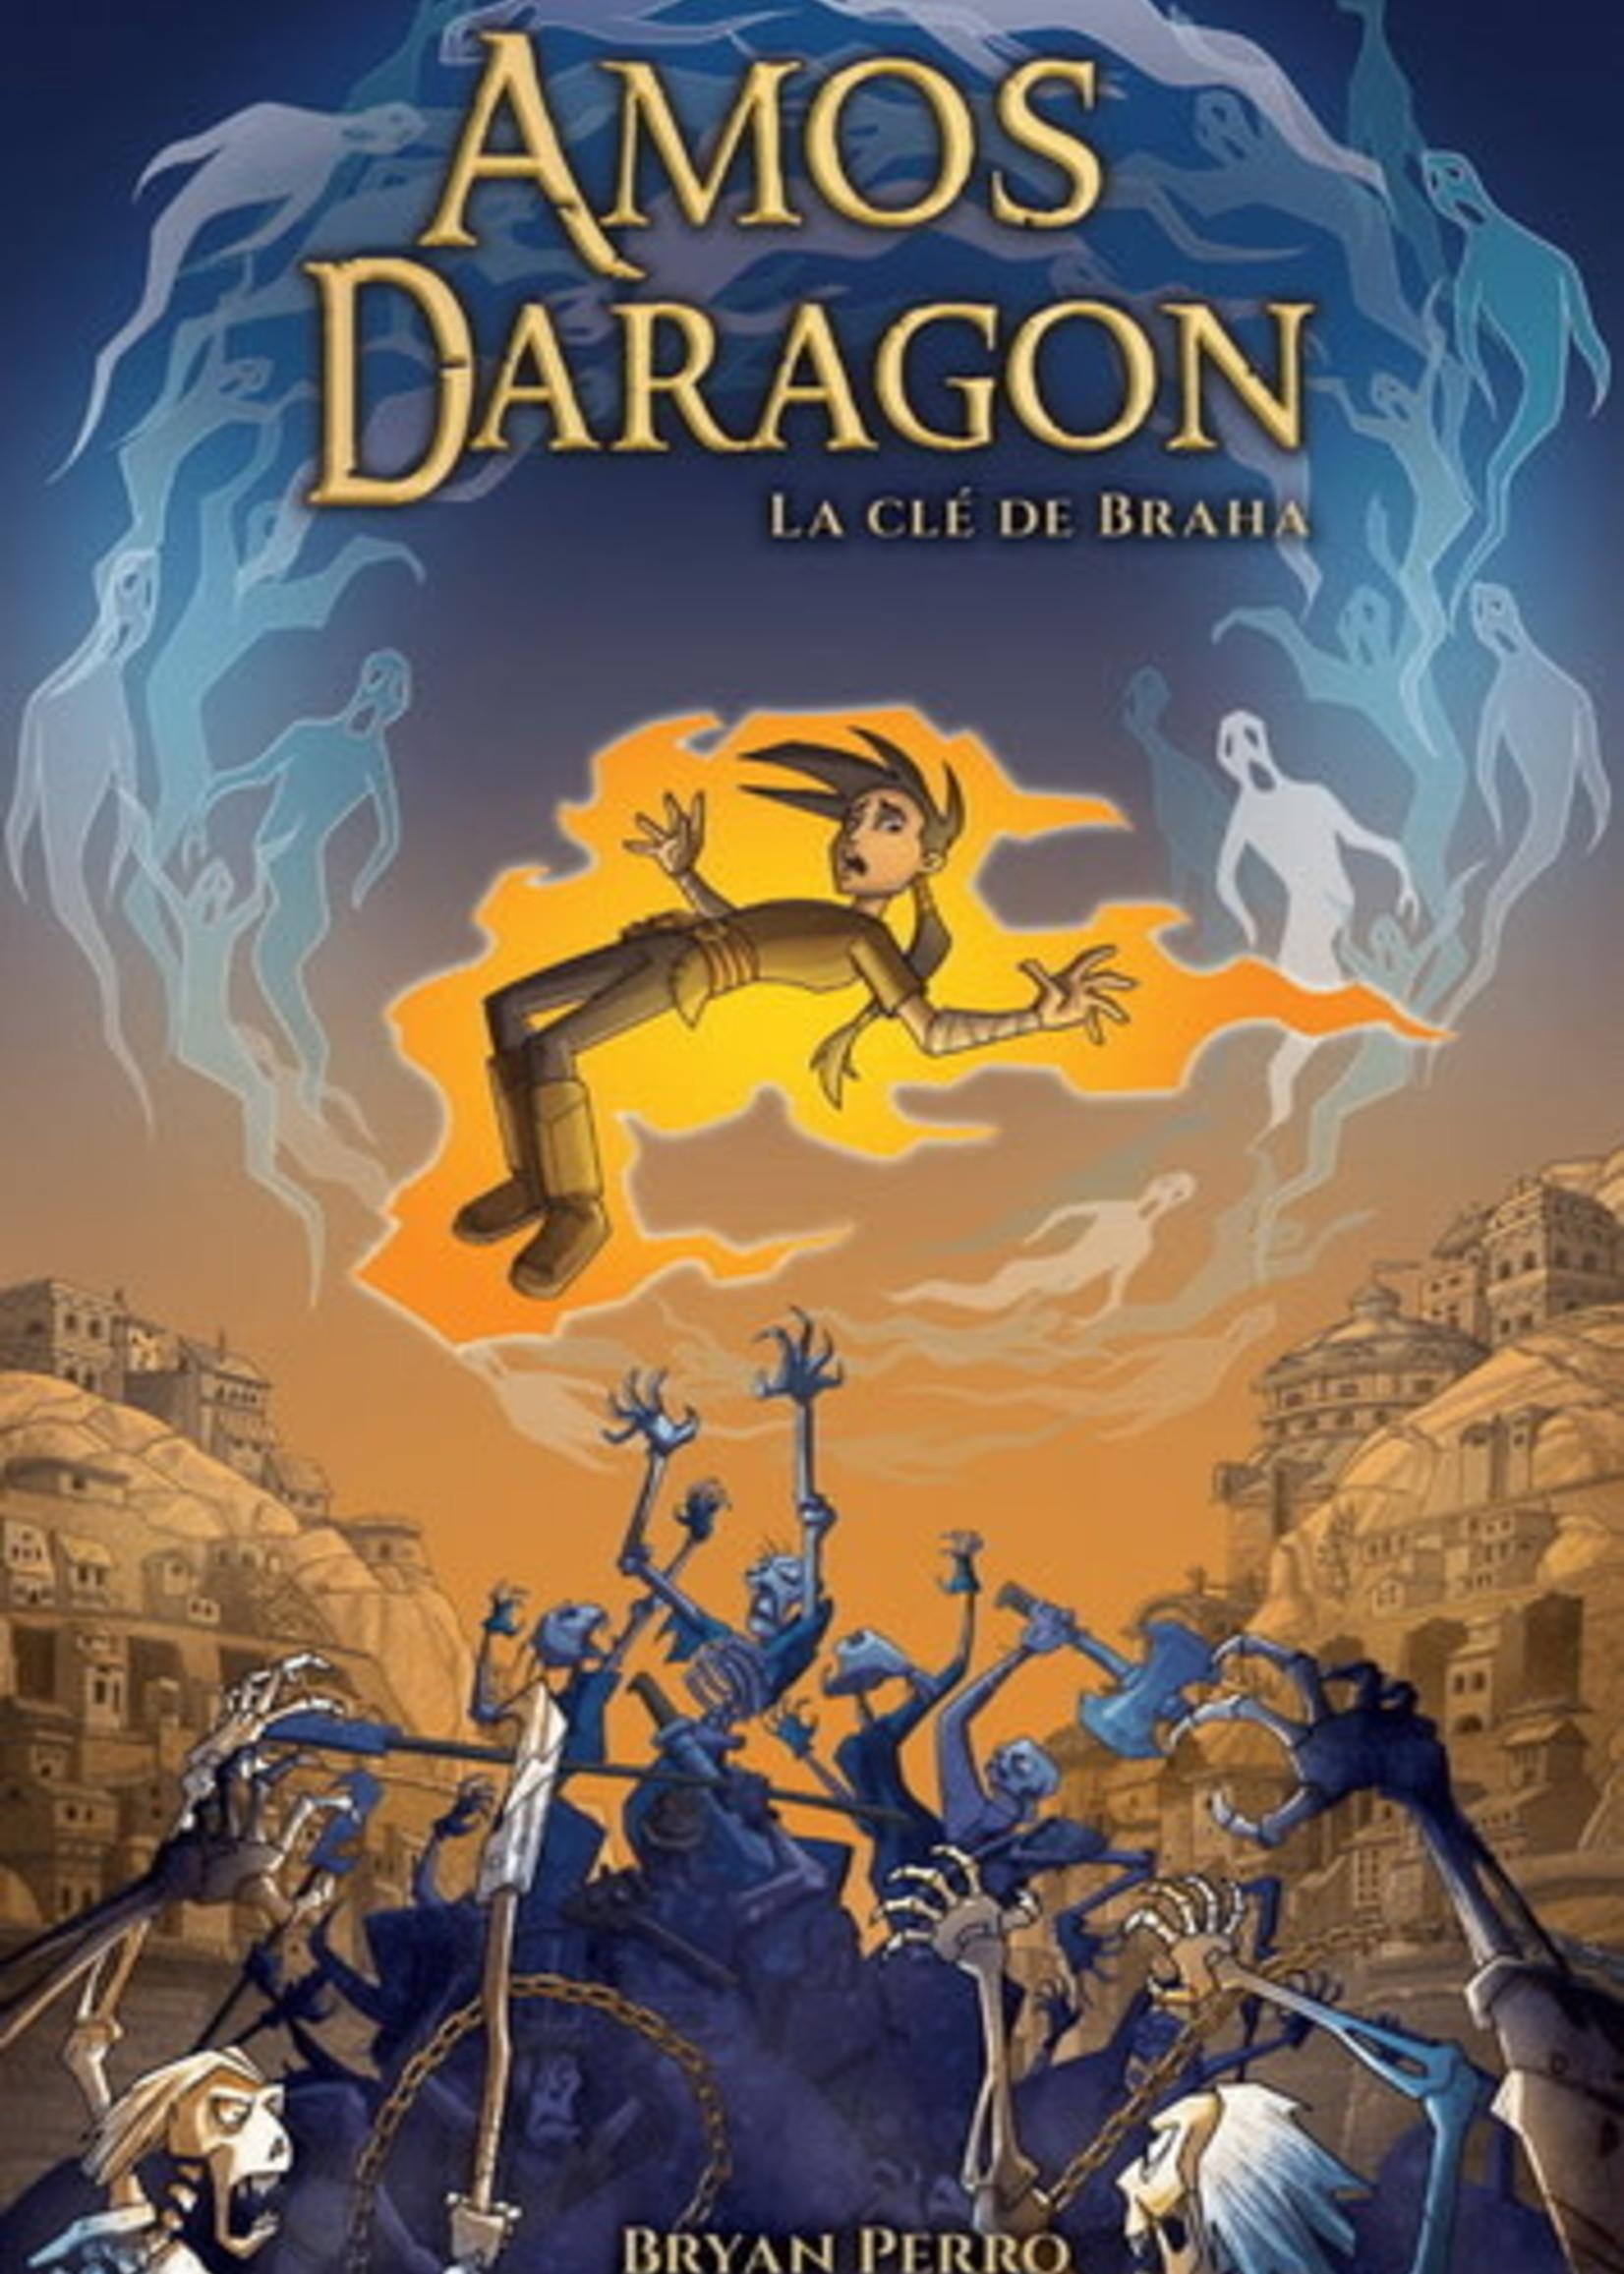 Amos Daragon: La clé de Braha by Bryan Perro